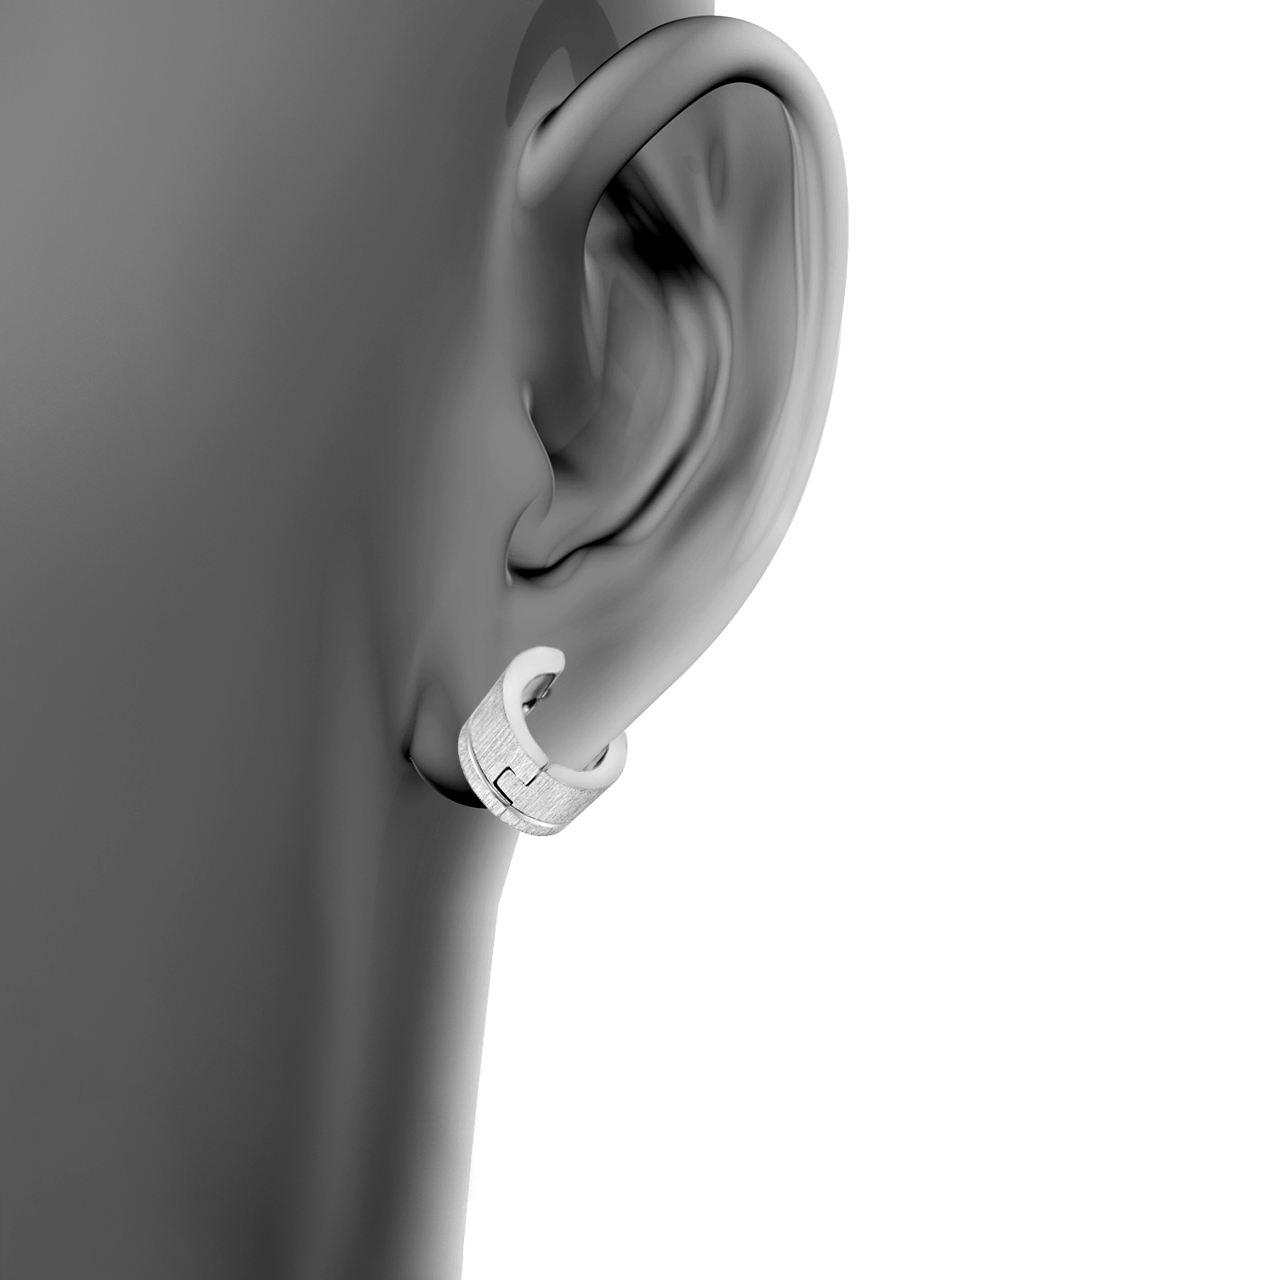 گوشواره زنانه اقلیمه کد ES512 -  - 3